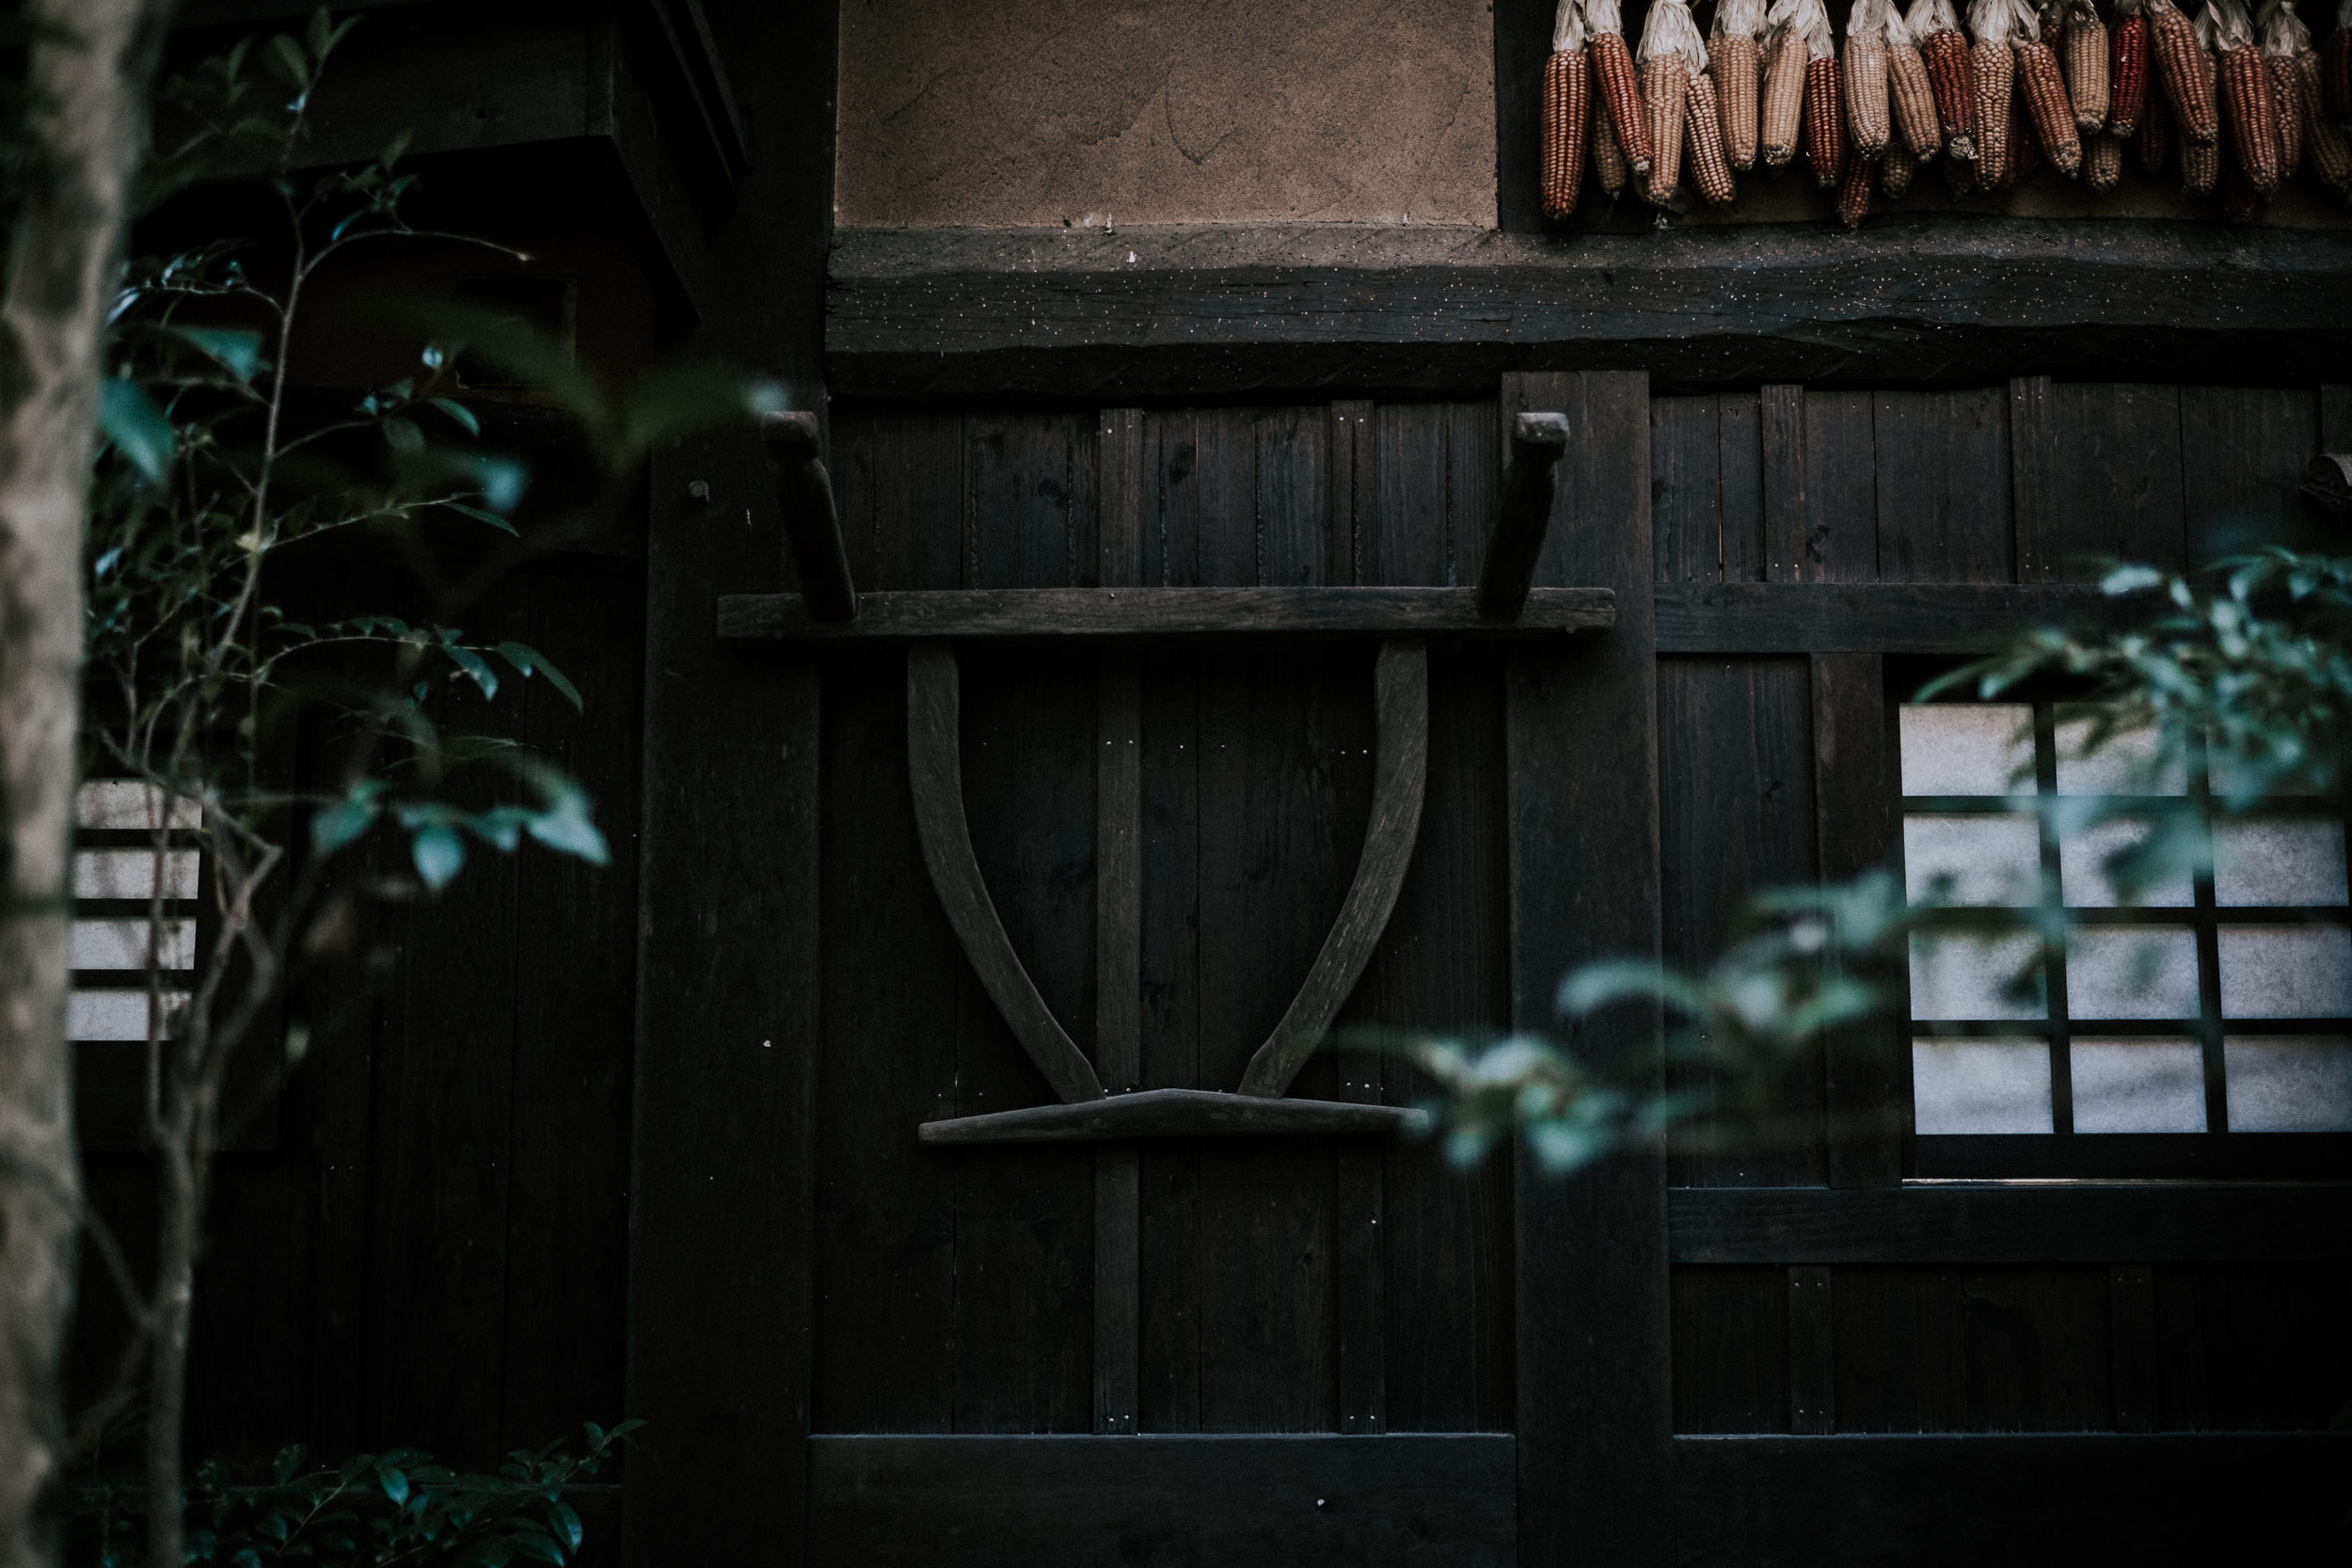 Onsen detailing at Ryokan Sanga.